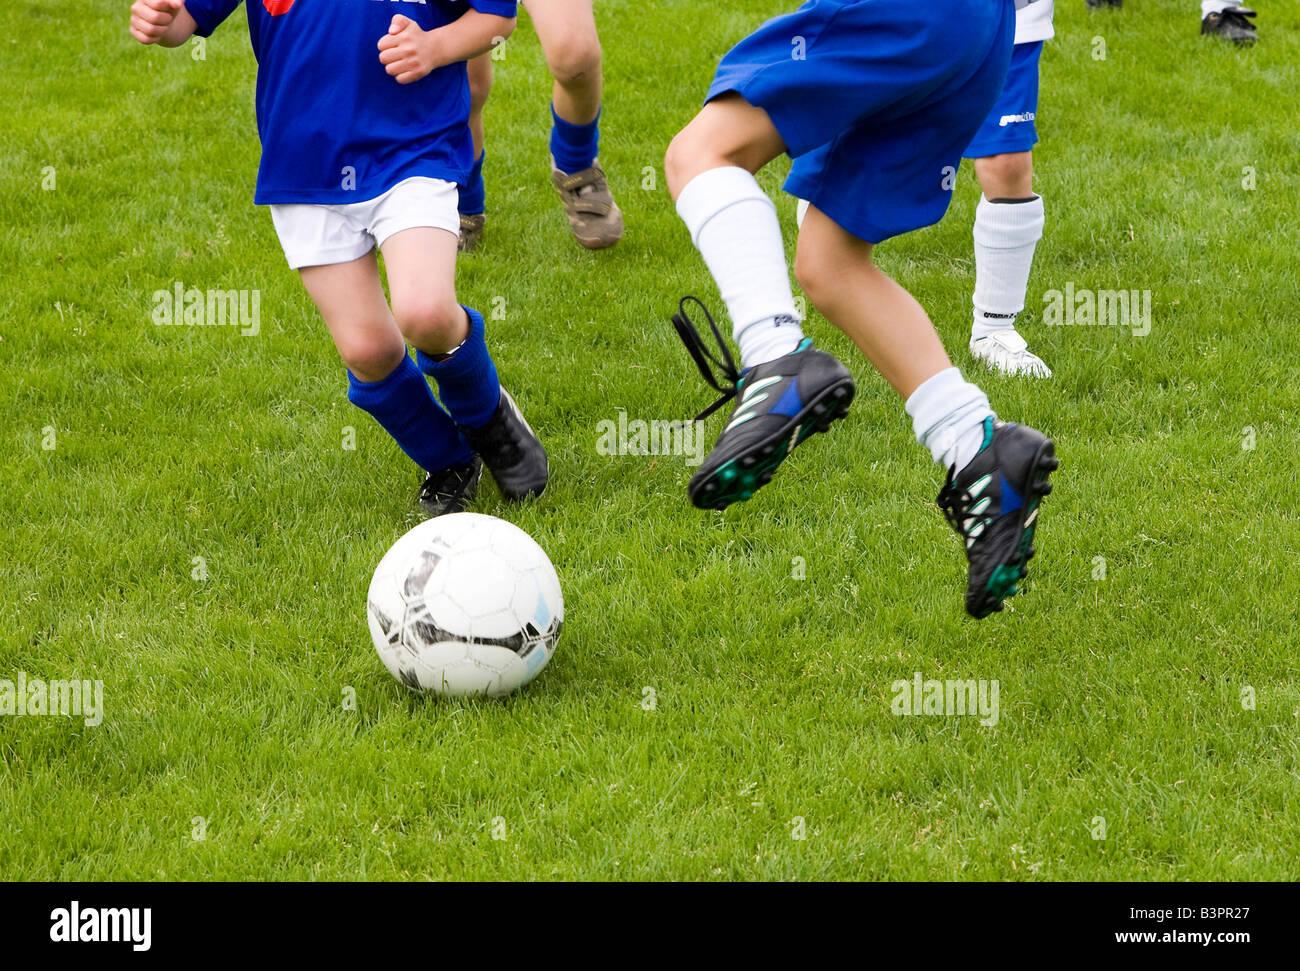 Close-up de joueurs se battent pour la balle dans un match de football pour les enfants Banque D'Images